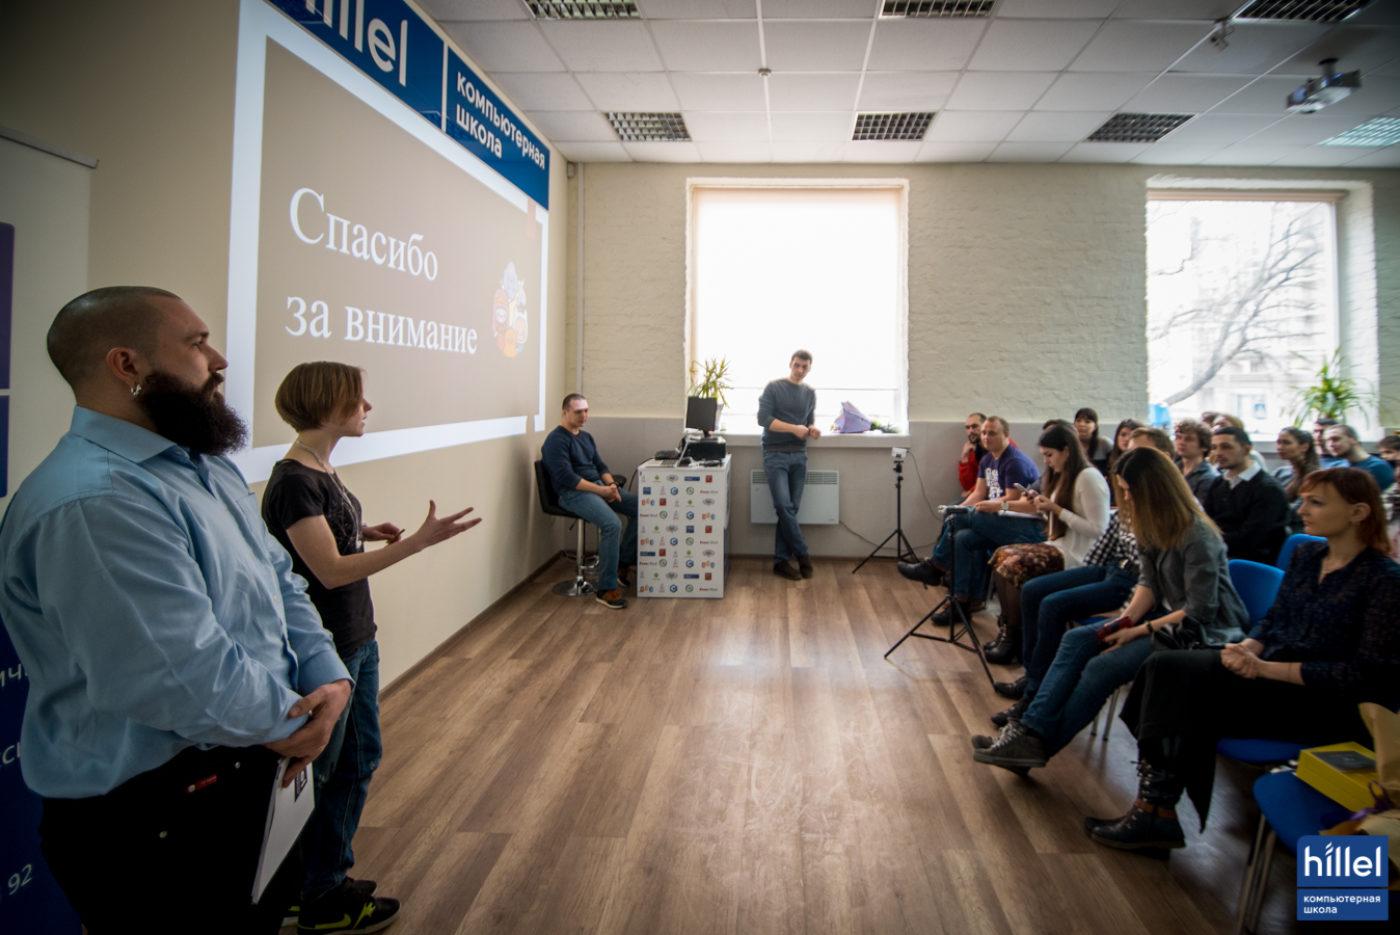 Новости школы: Презентация рабочих прототипов программы Hillel Evo